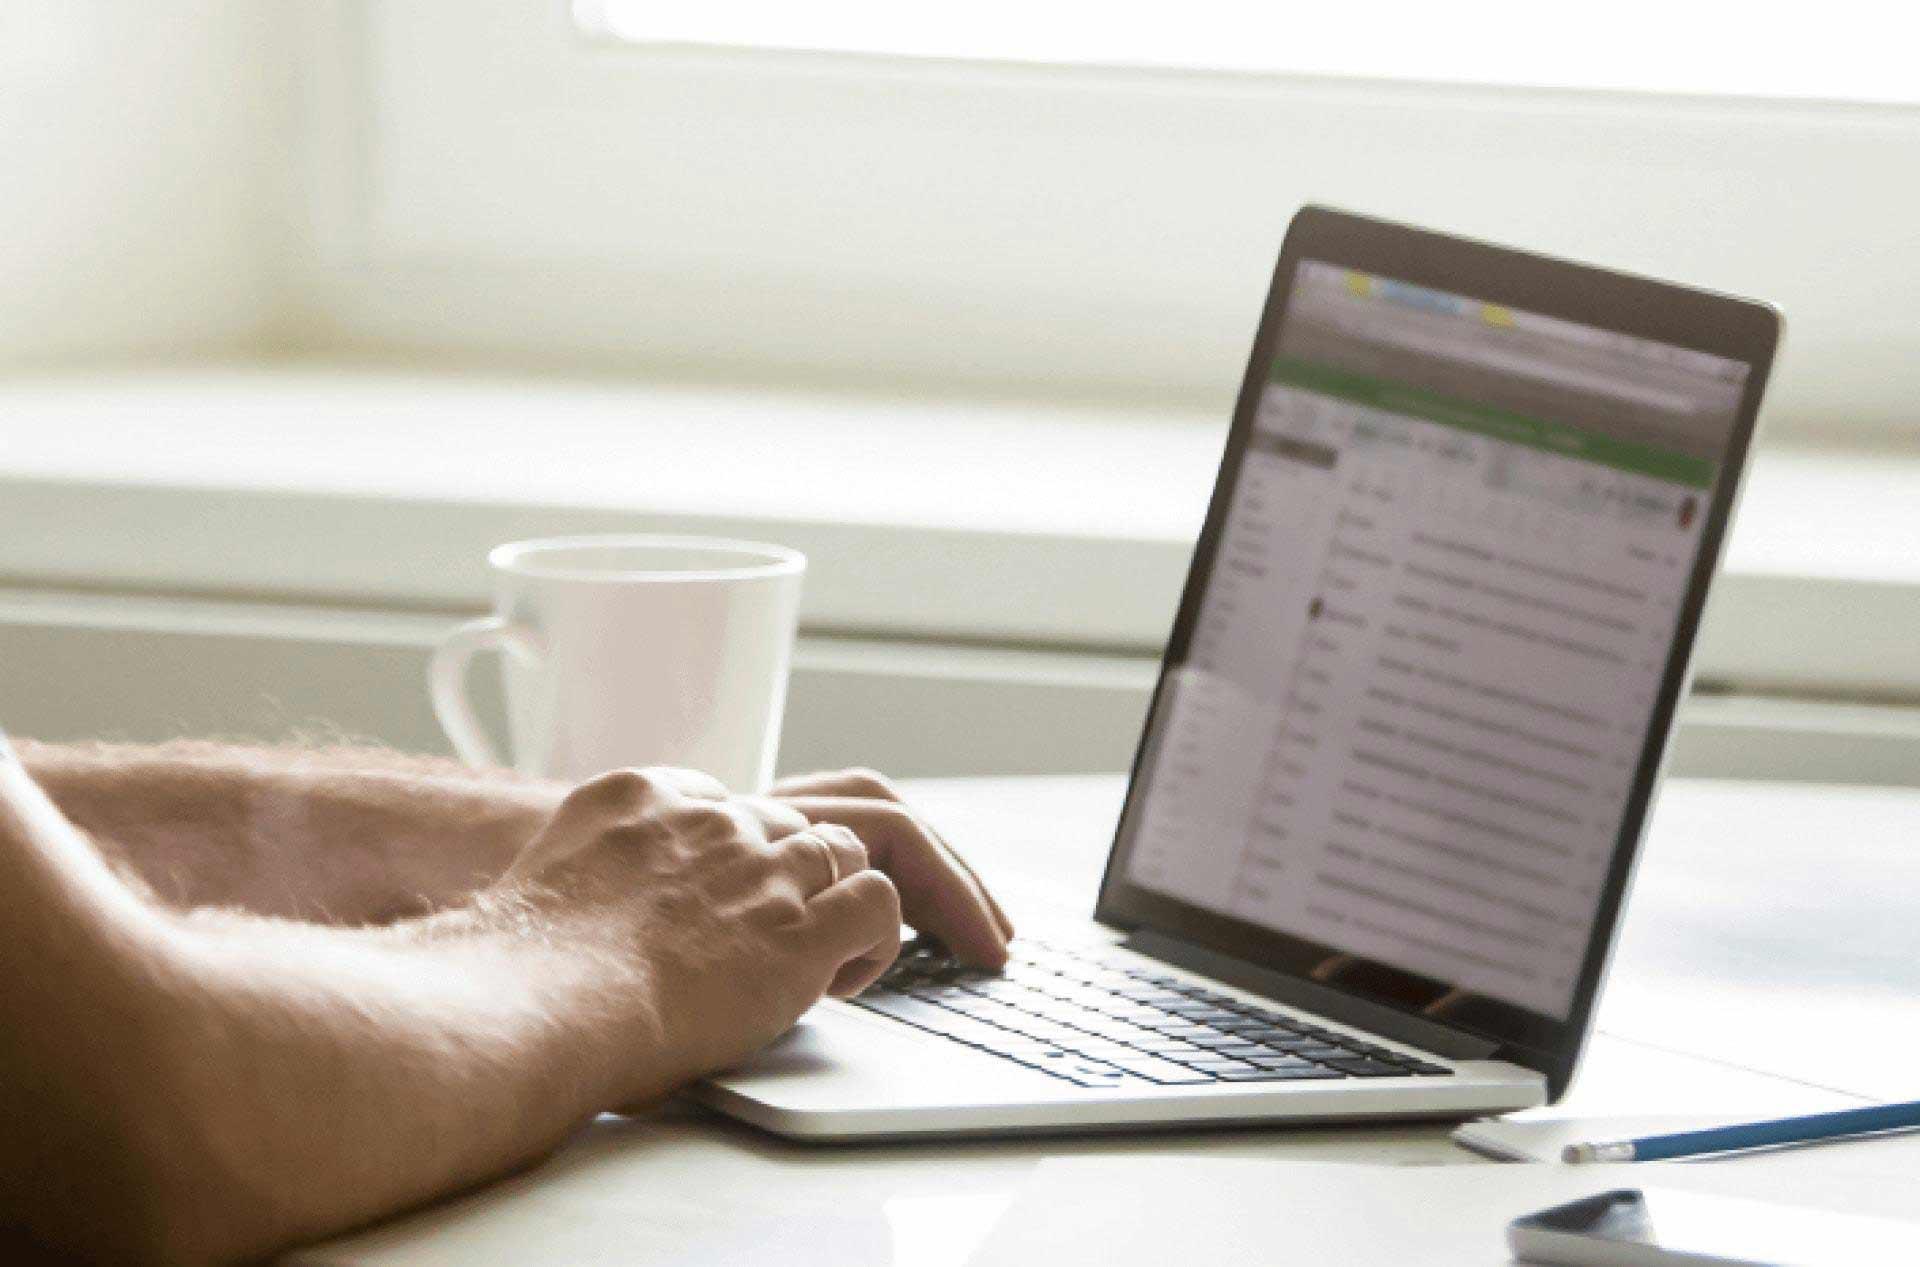 Tendências do e-mail marketing para 2018: personalização, automação e mobile em alta!